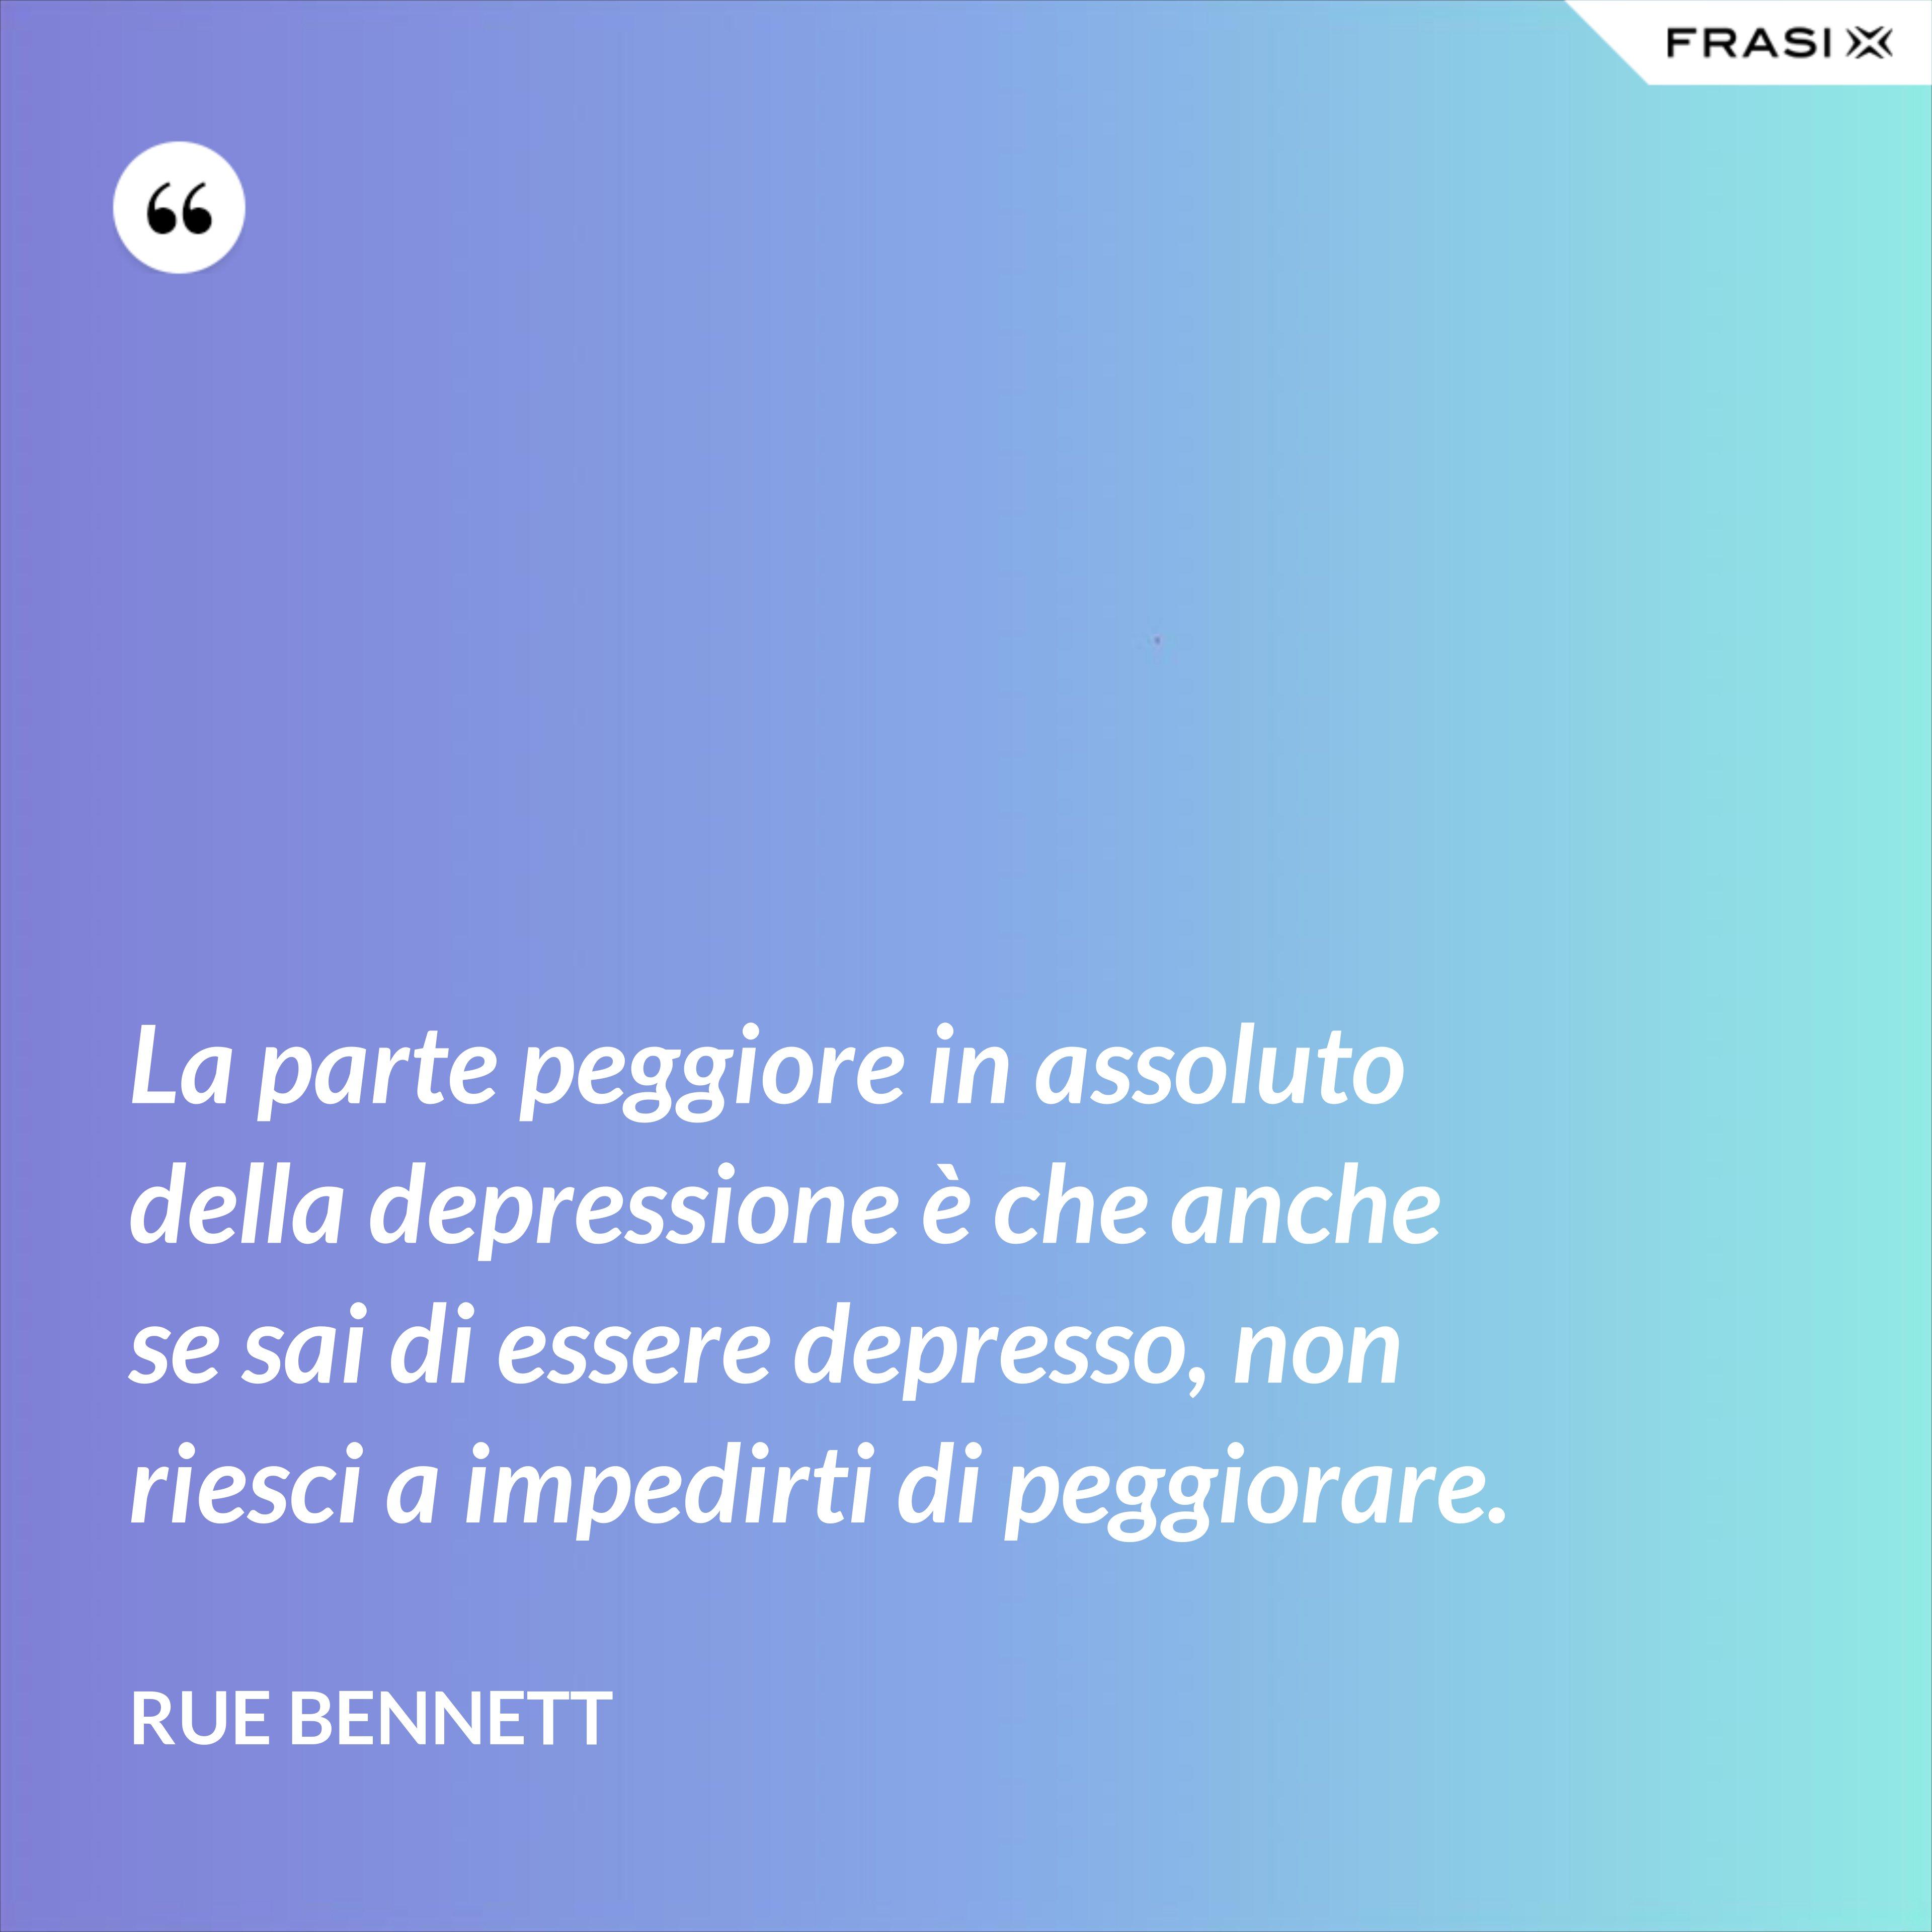 La parte peggiore in assoluto della depressione è che anche se sai di essere depresso, non riesci a impedirti di peggiorare. - Rue Bennett